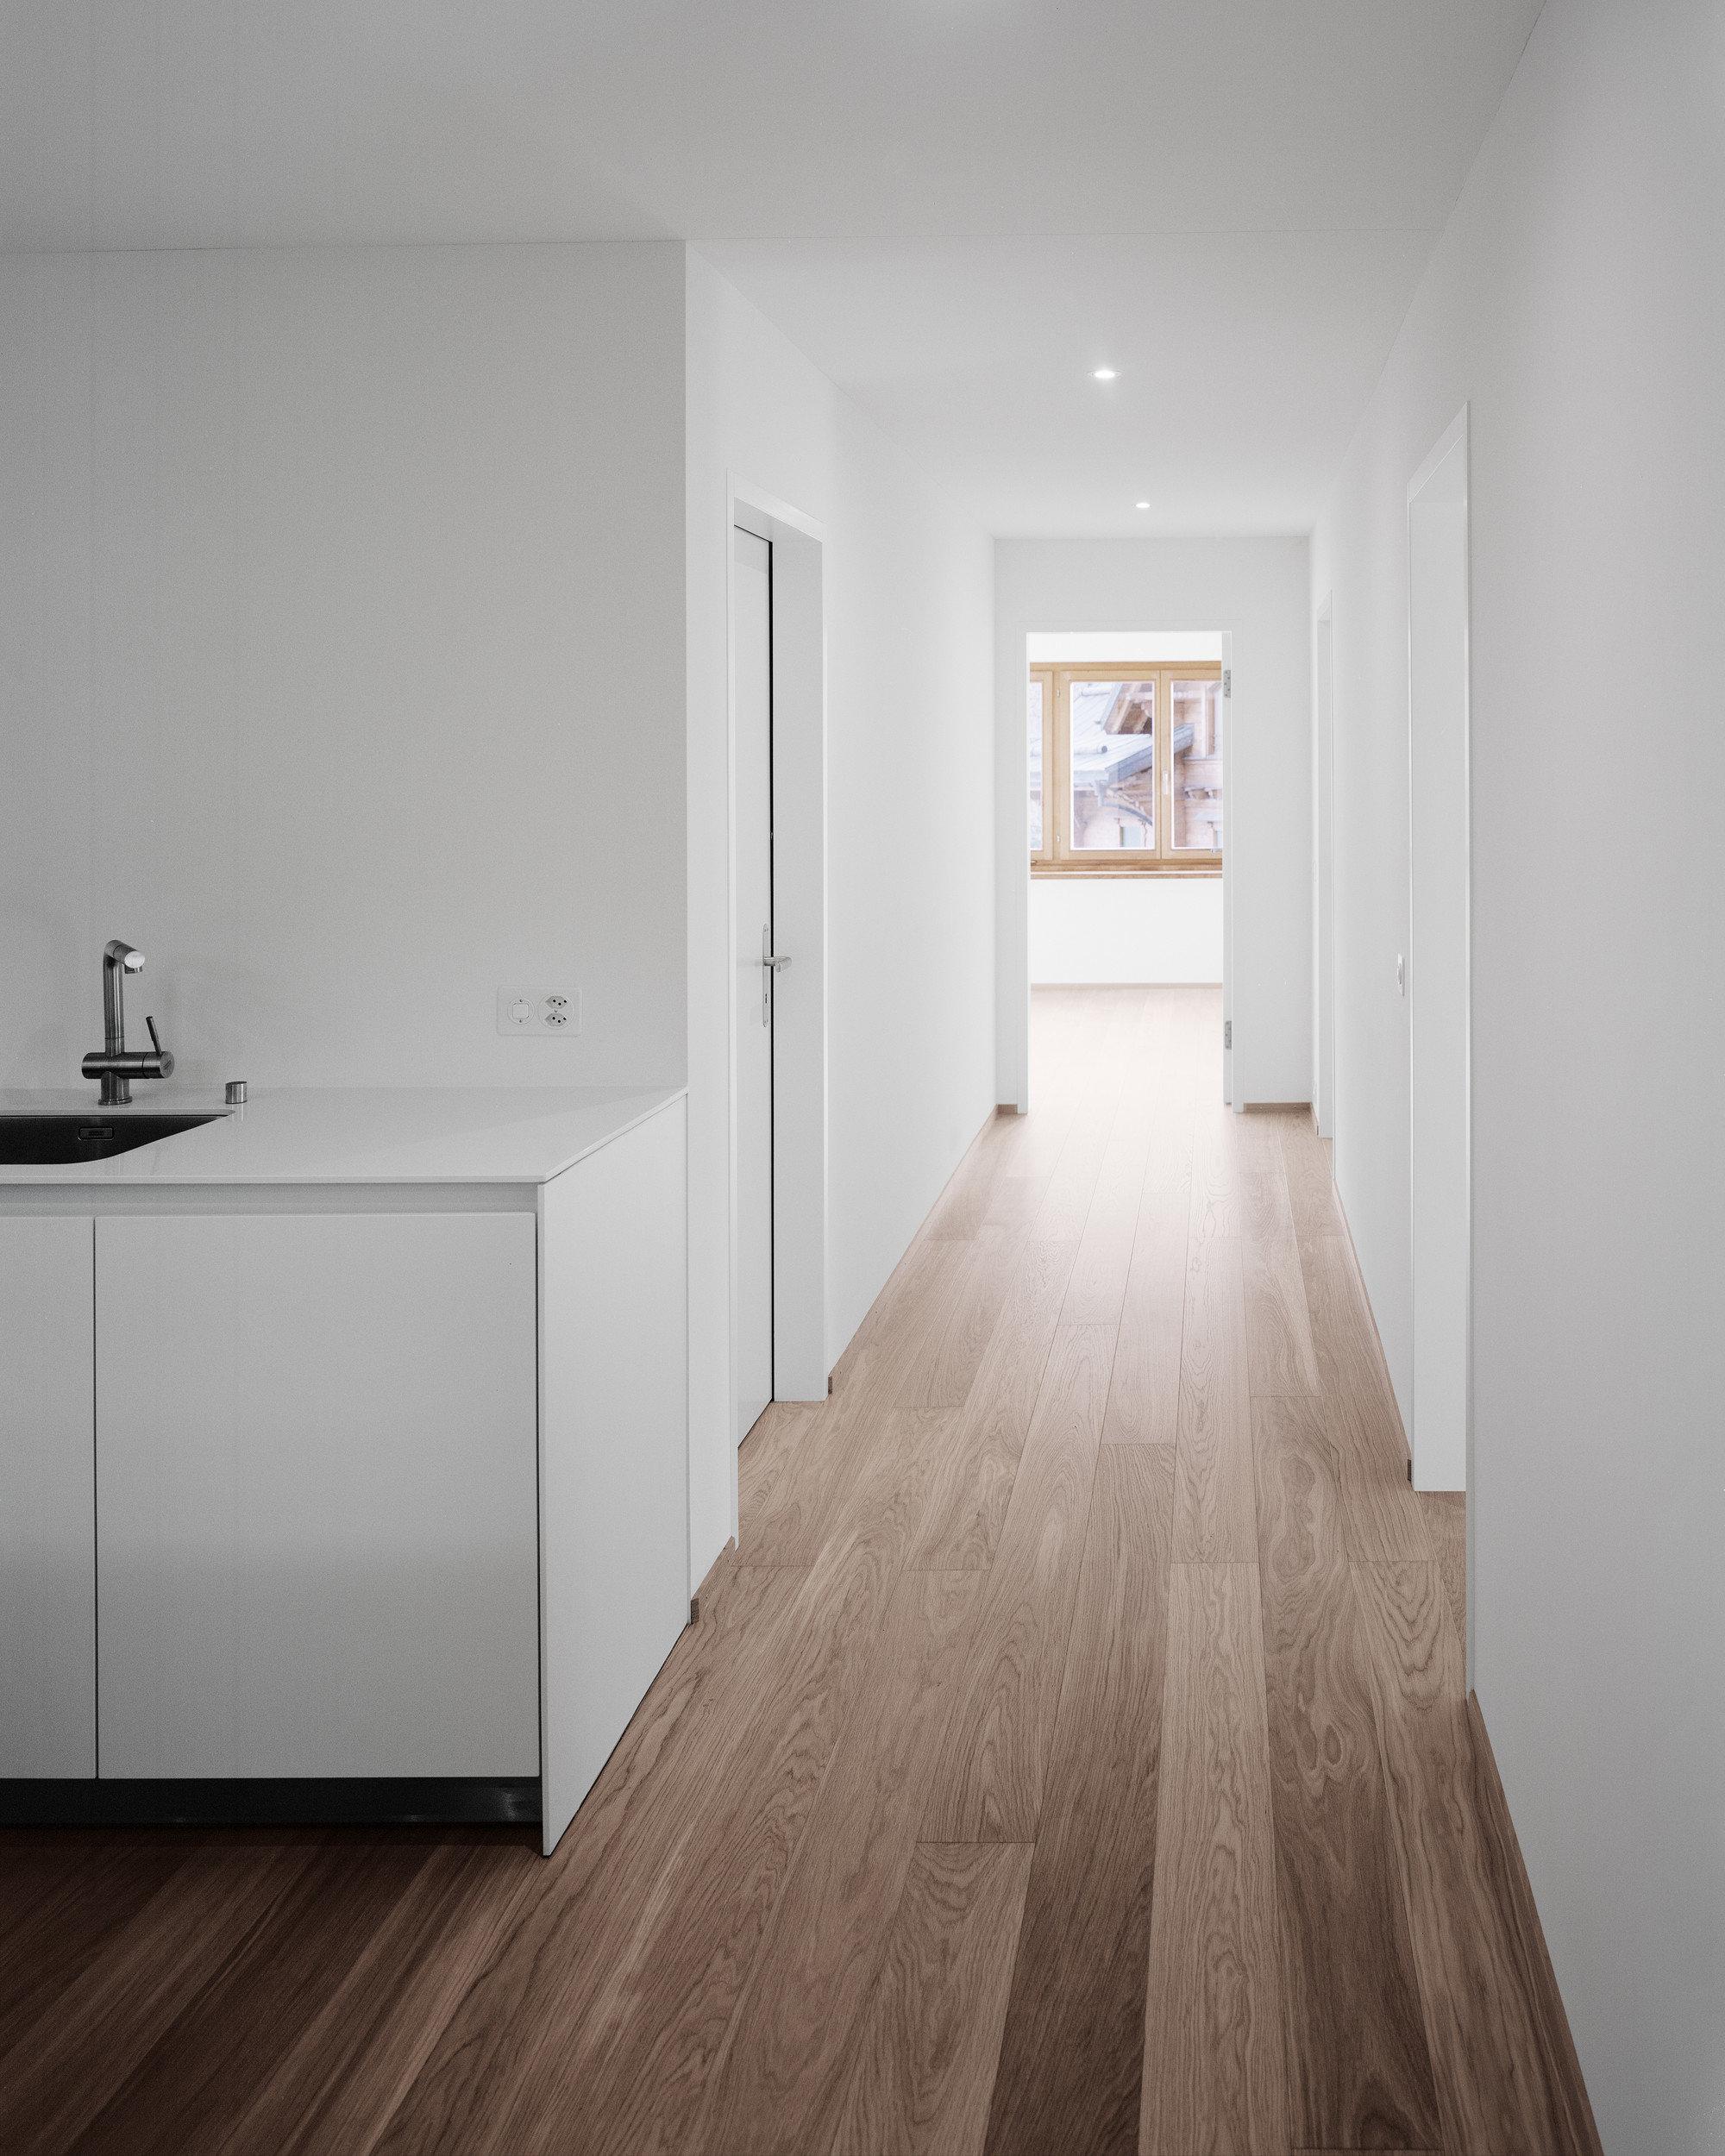 Küchentheke links, neuer dunkler Holzboden, sanierte weisse Wände